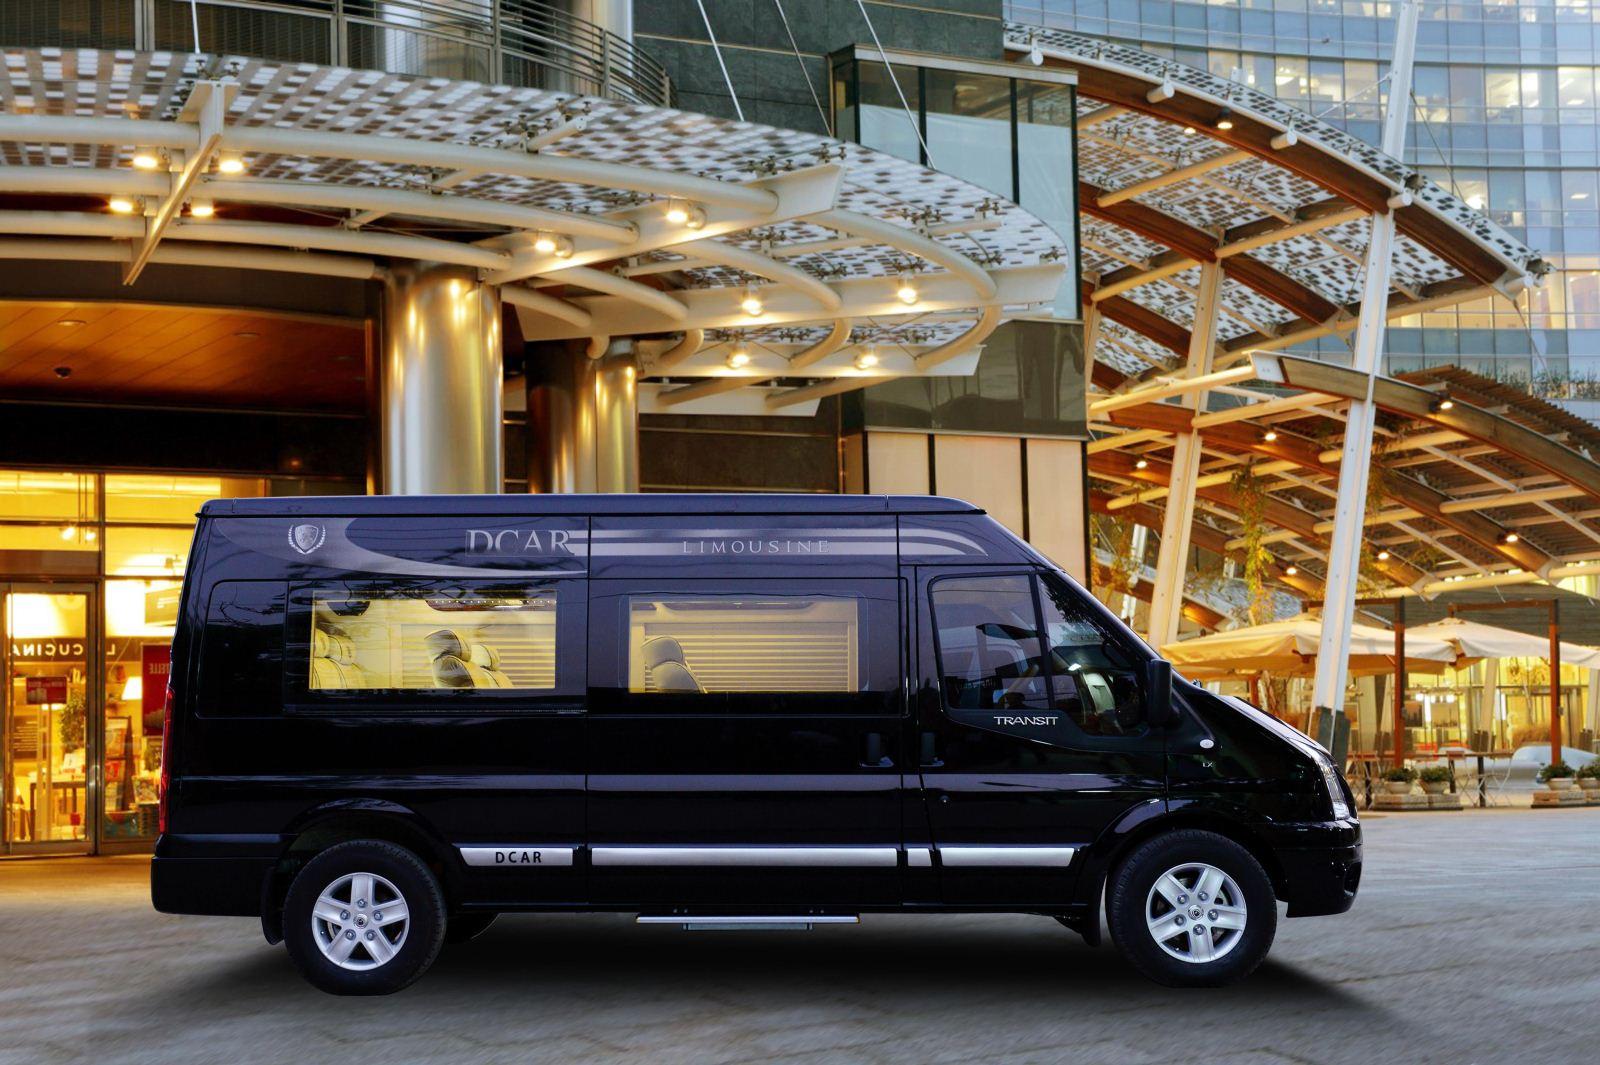 Chiêm ngưỡng Ford Transit phiên bản sang chảnh bậc nhất